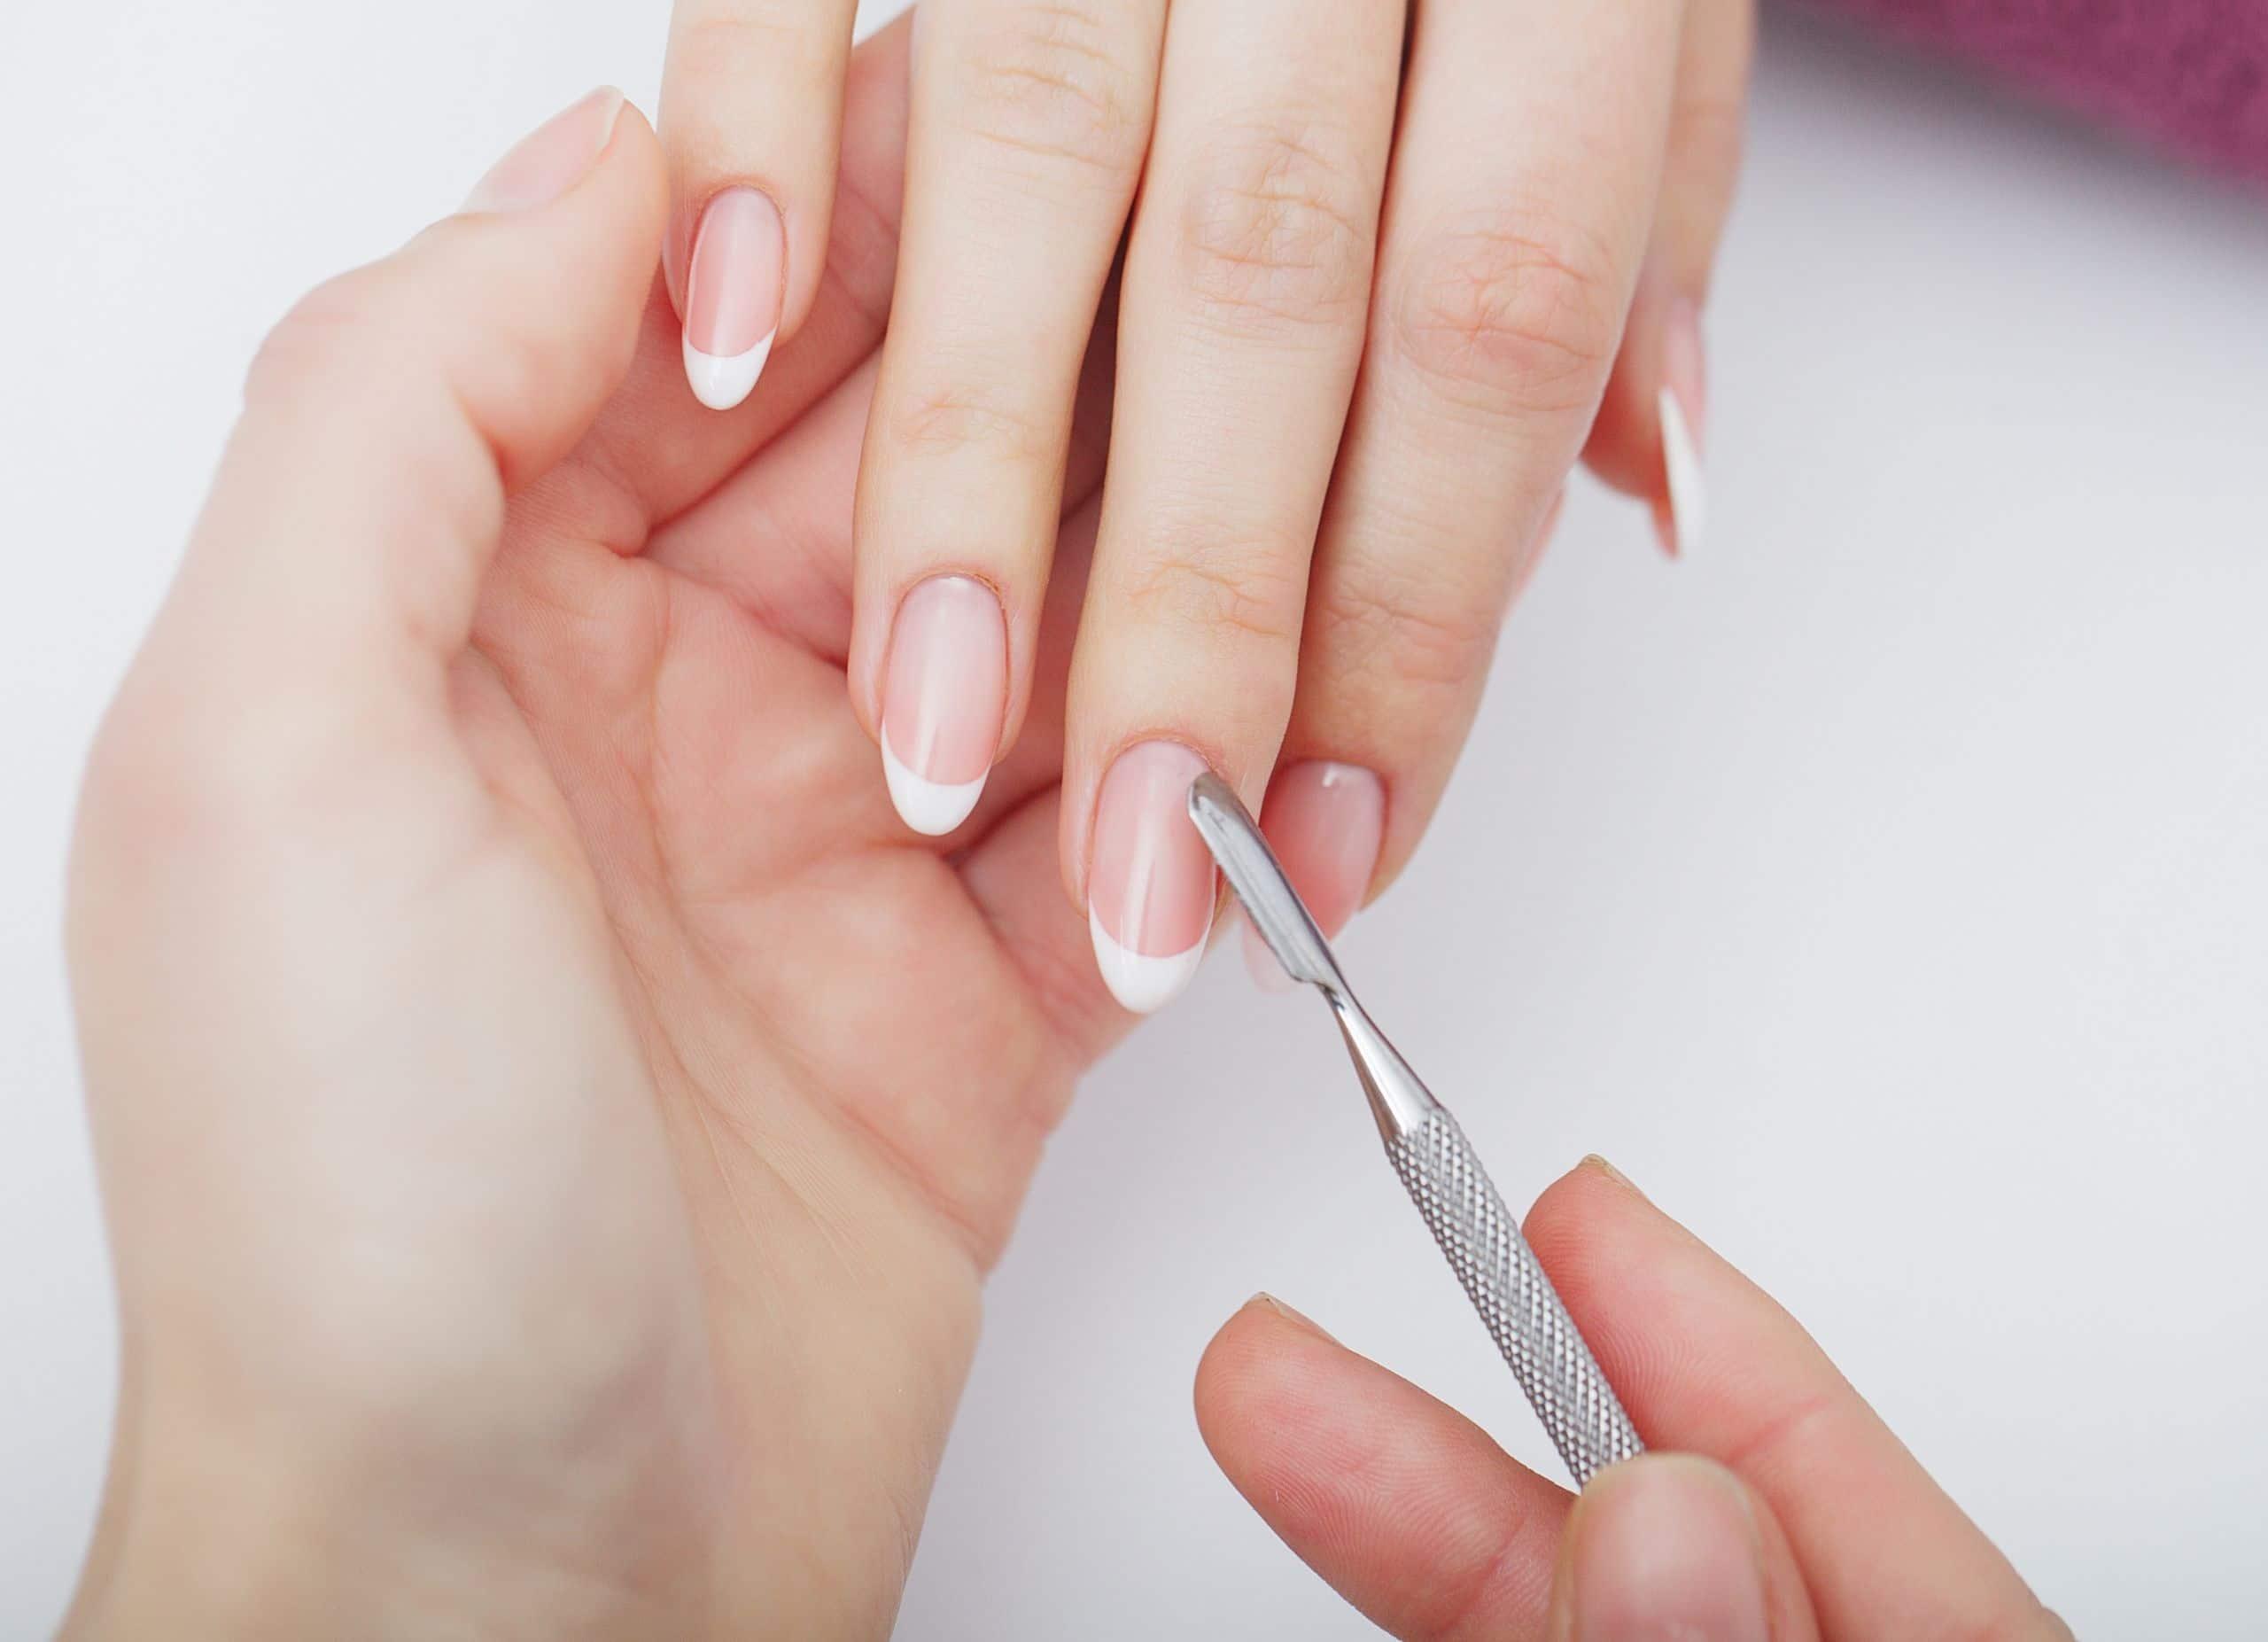 Repair trind manicure treatment